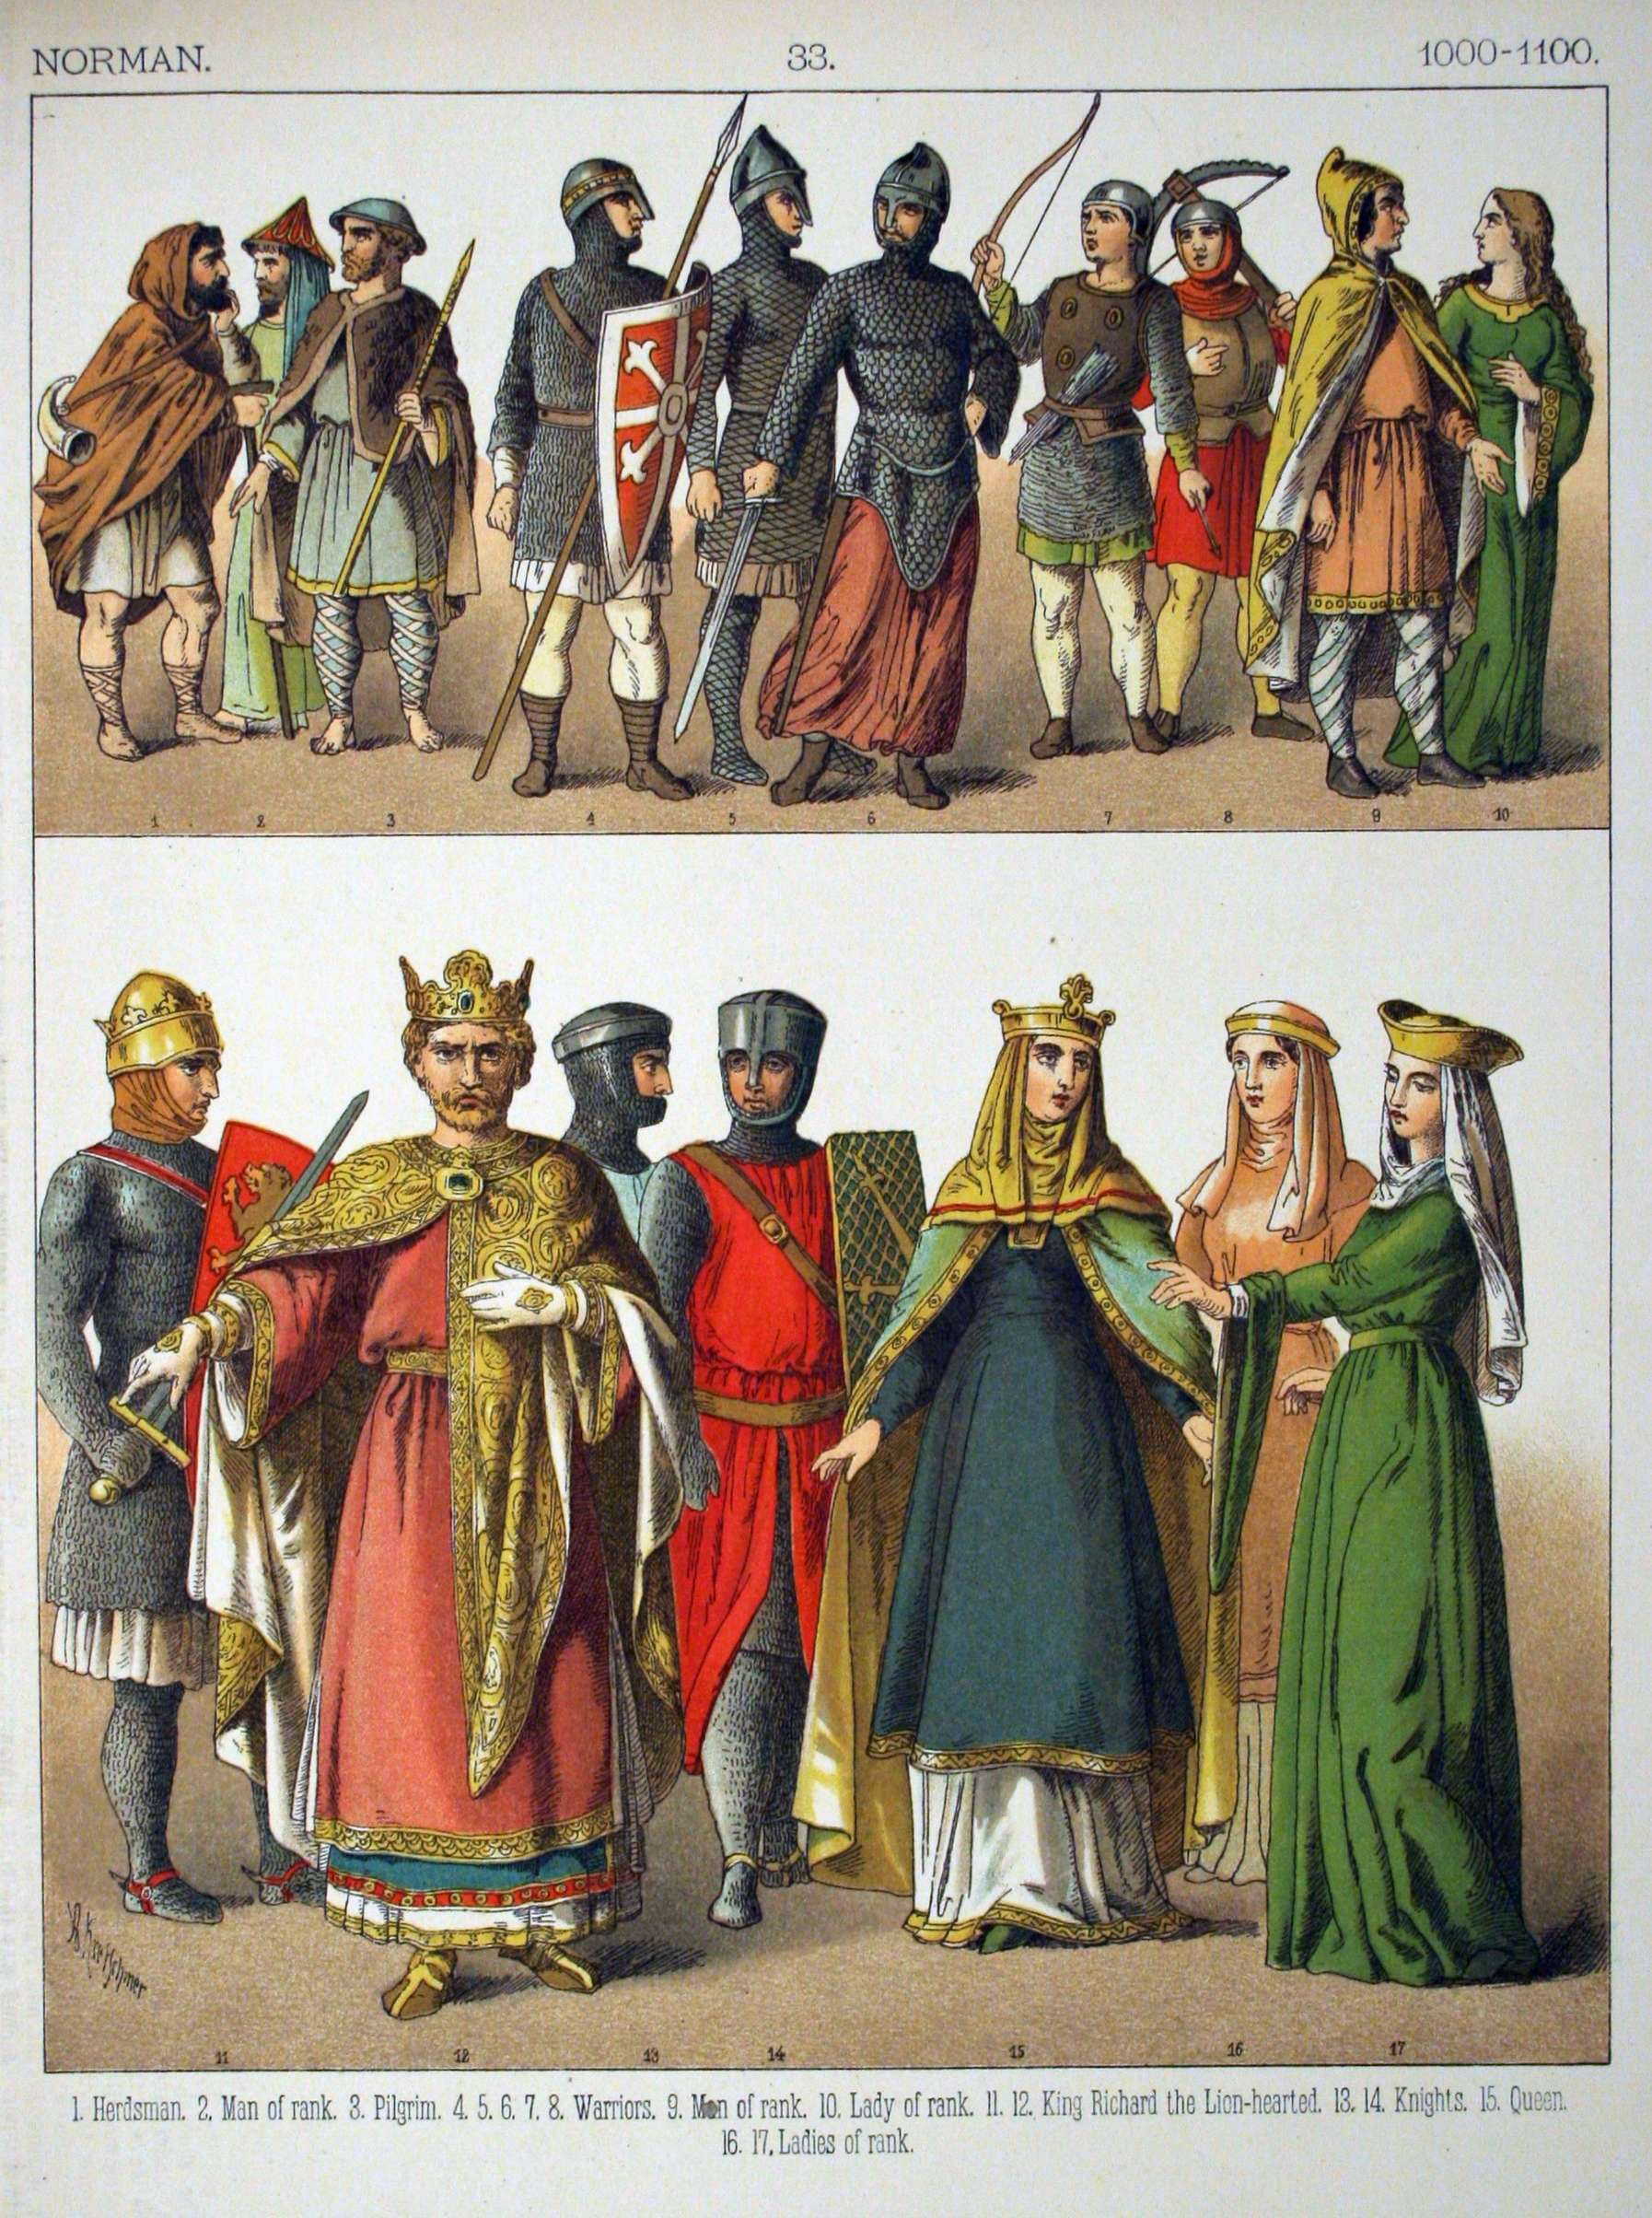 Βικτοριανή απόδοση της εθνικής ενδυμασίας των Νορμανδών, 1000–1100. Victorian performance of Norman's national costume, 1000-1100